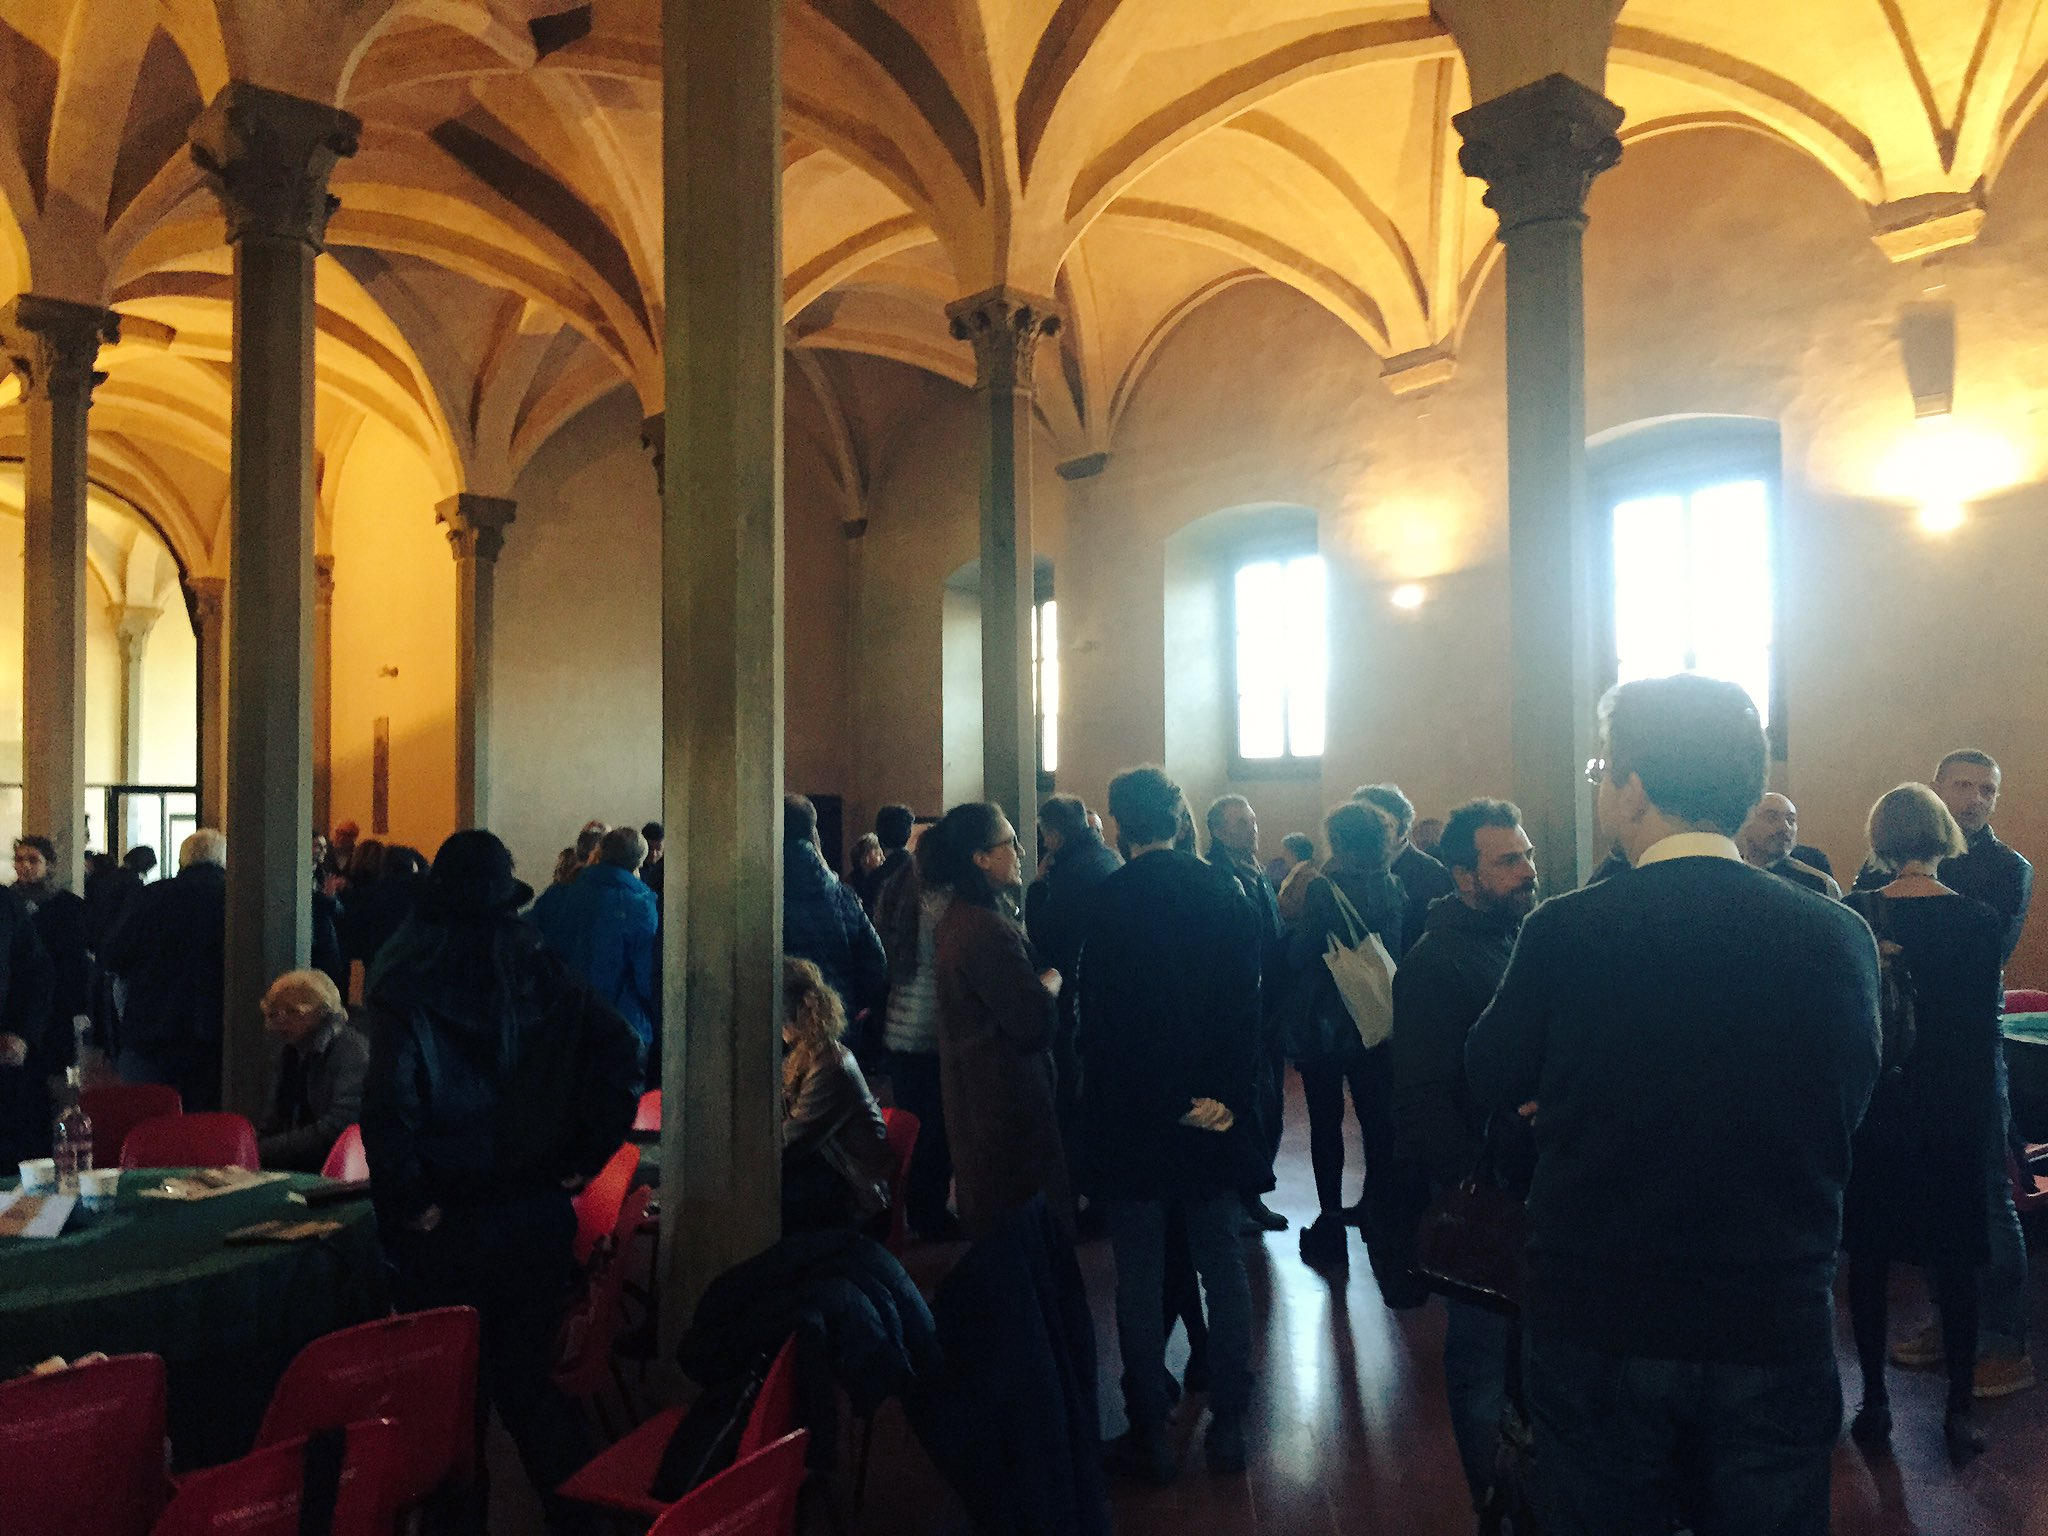 È tutto pronto per iniziare la #MaratonaAscolto sulla #cultura a Firenze! @comunefi @TommasoSacchi https://t.co/twoPvxBLMo